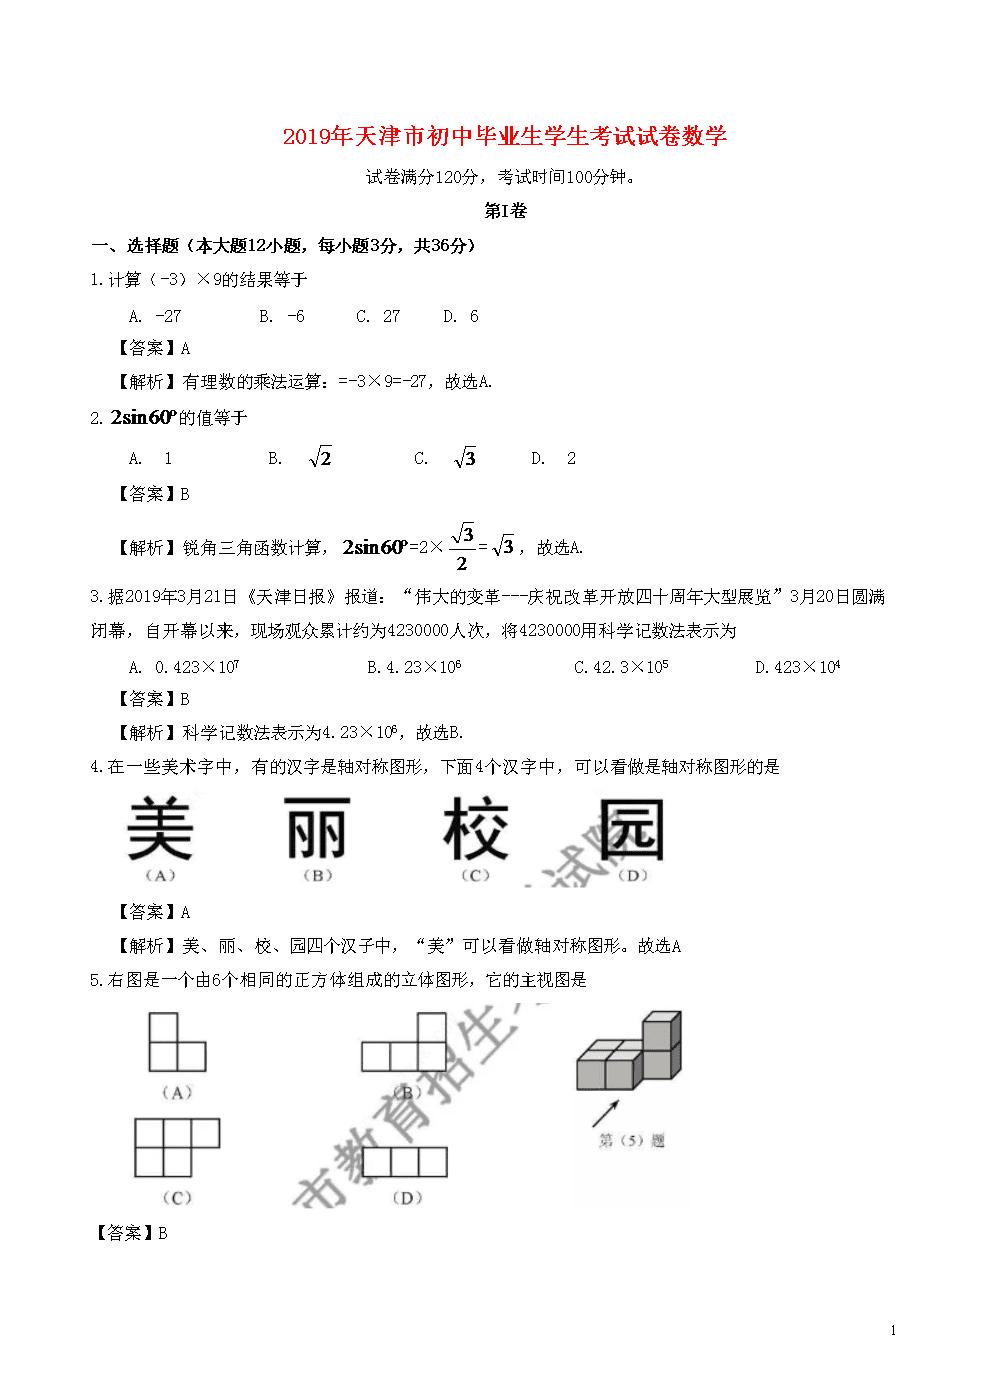 天津市2019年中考数学真题试题(含解析).docx